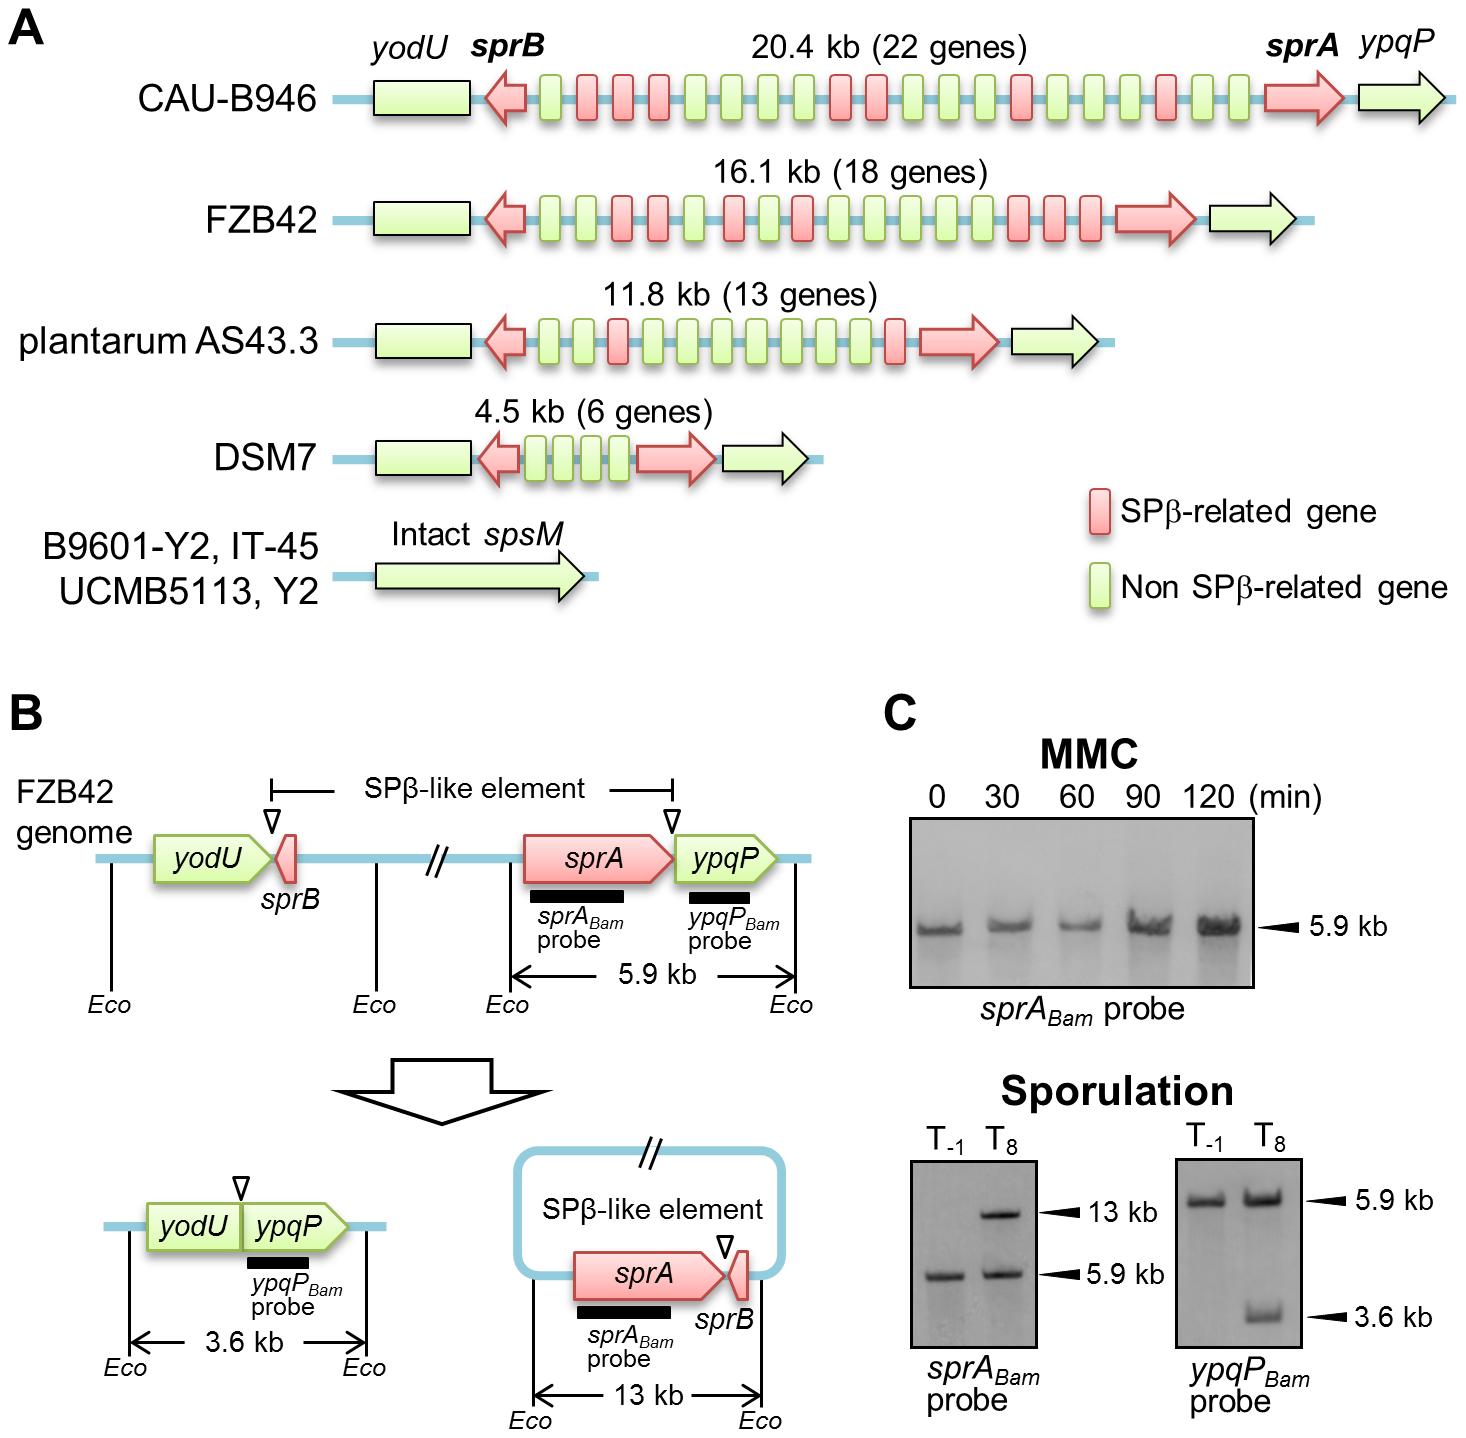 DNA rearrangement of <i>spsM</i> in <i>B. amyloliquefaciens</i>.